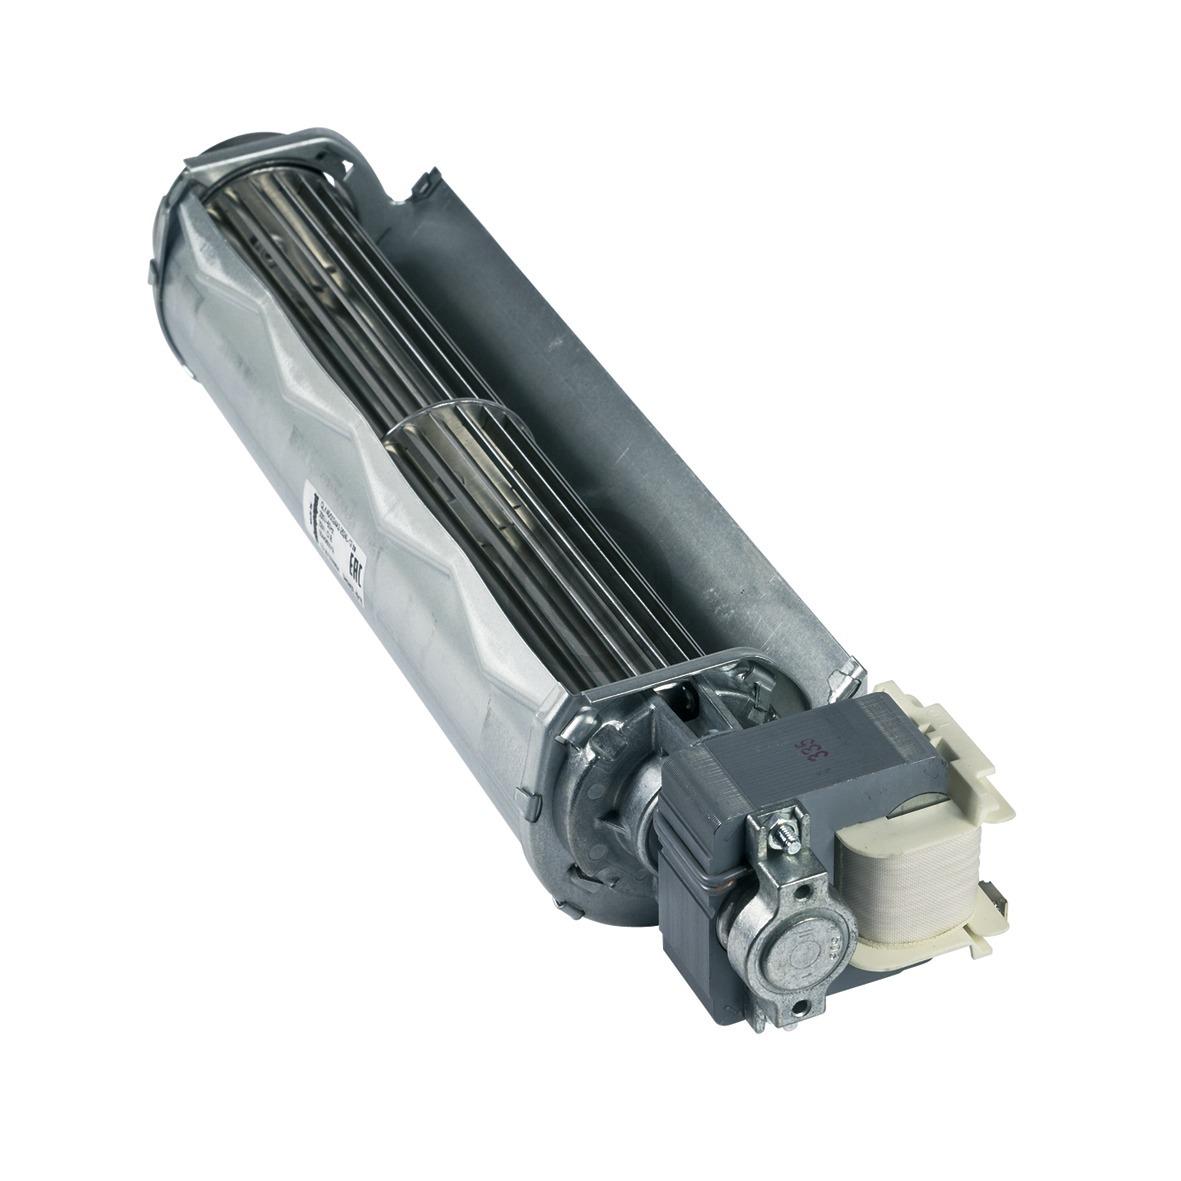 Malag Querstromlüfter 240mm TypA Motor links QLK45